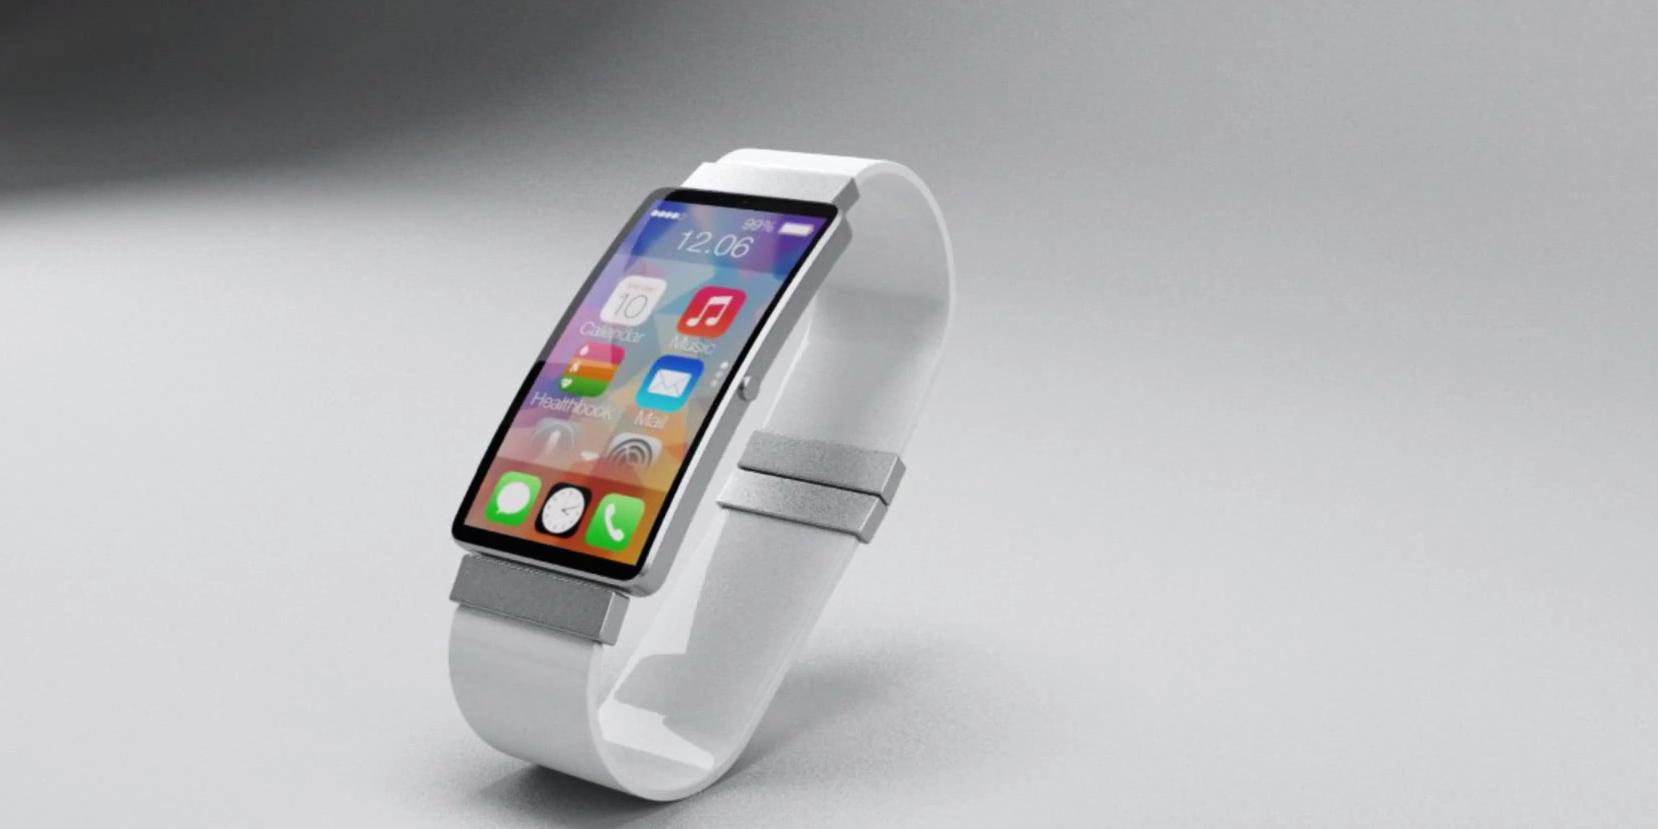 iWatch: смартфон-браслет с медицинскими датчиками